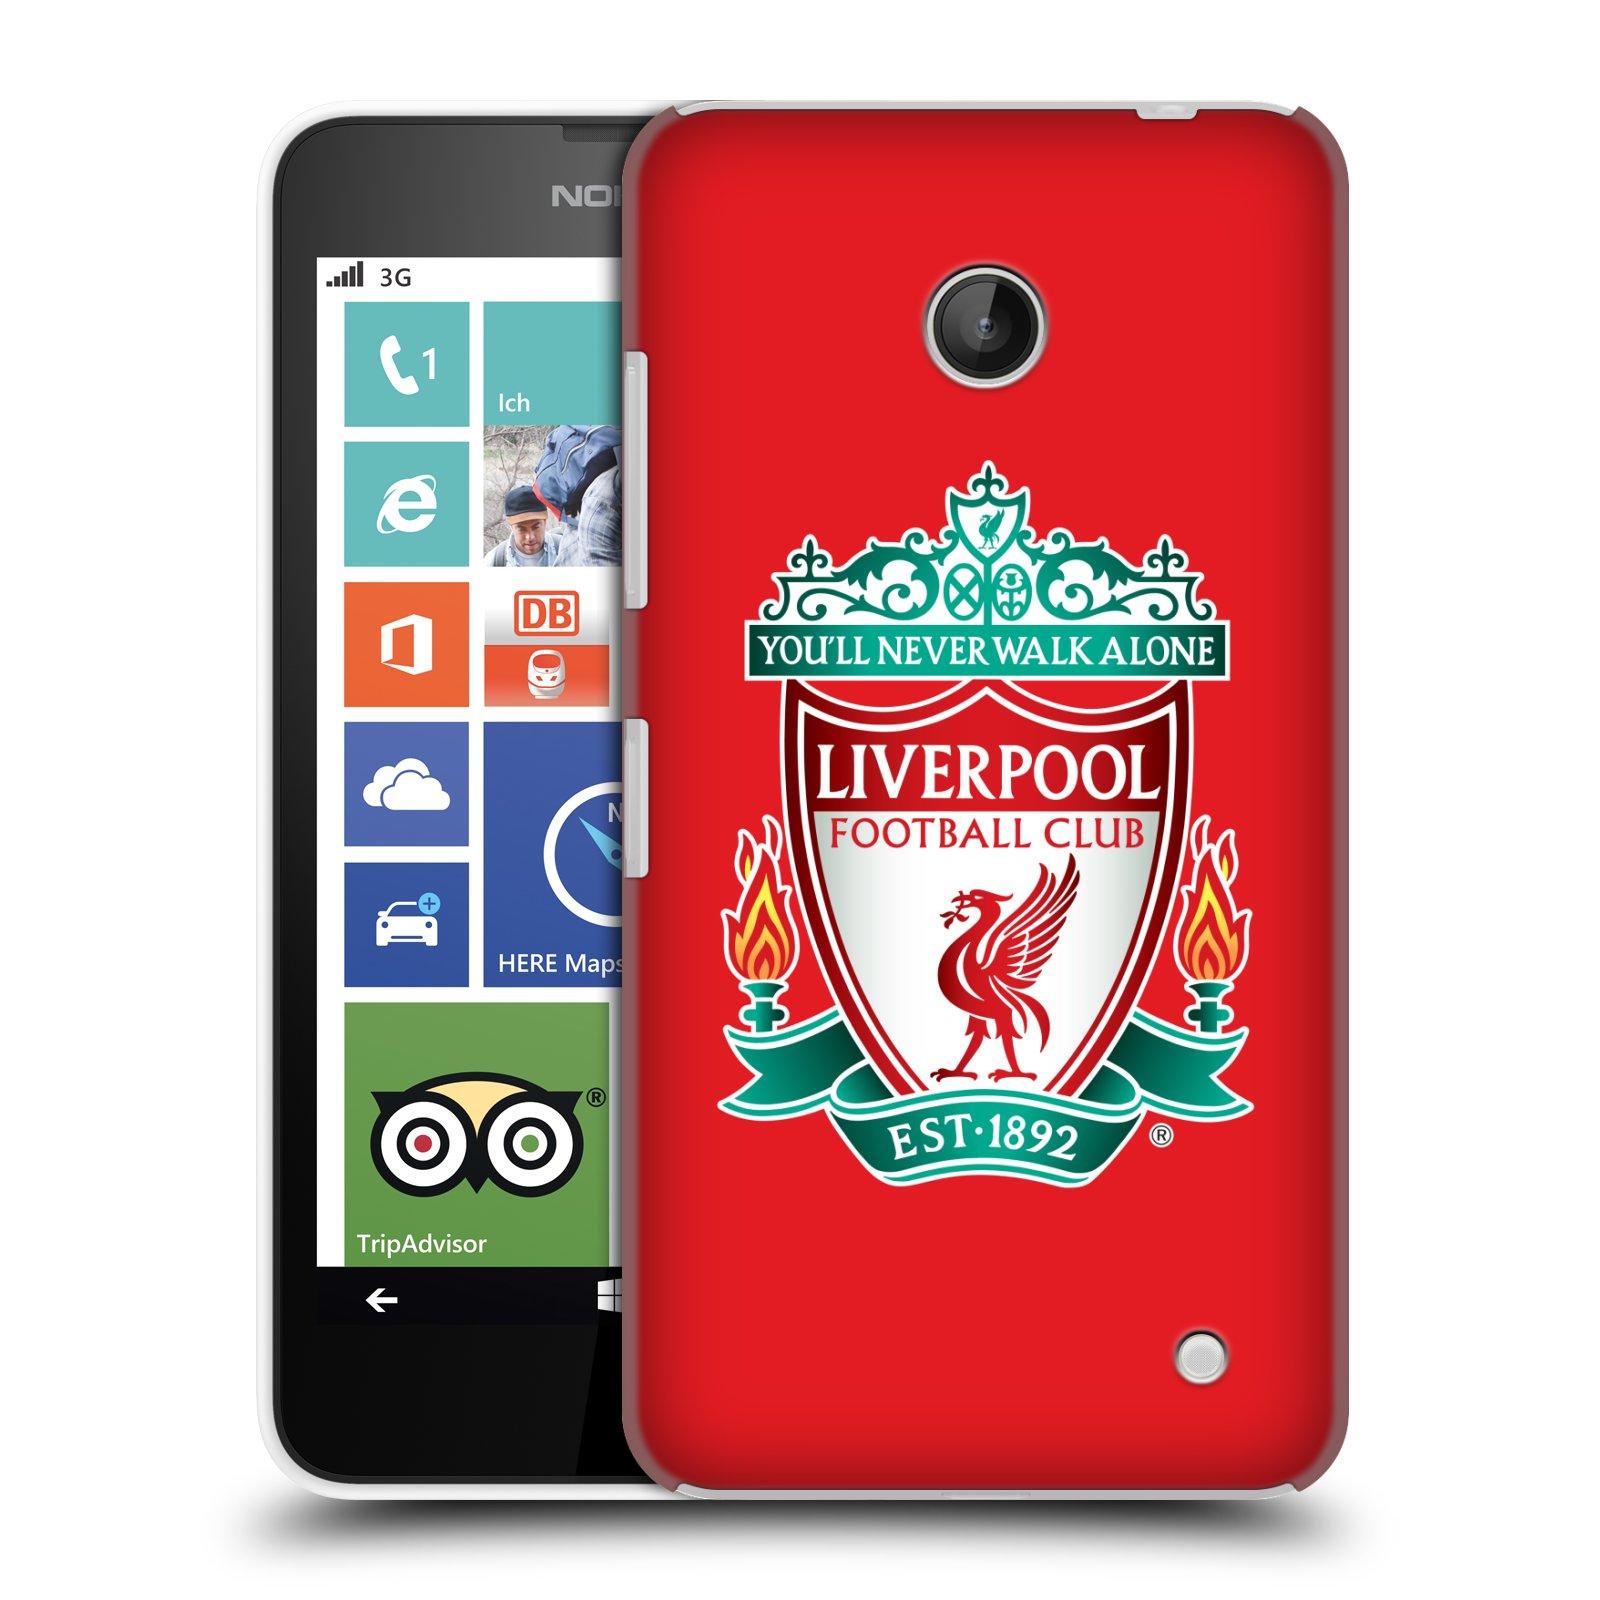 Plastové pouzdro na mobil Nokia Lumia 630 HEAD CASE ZNAK LIVERPOOL FC OFFICIAL RED (Kryt či obal na mobilní telefon Liverpool FC Official pro Nokia Lumia 630 a Nokia Lumia 630 Dual SIM)